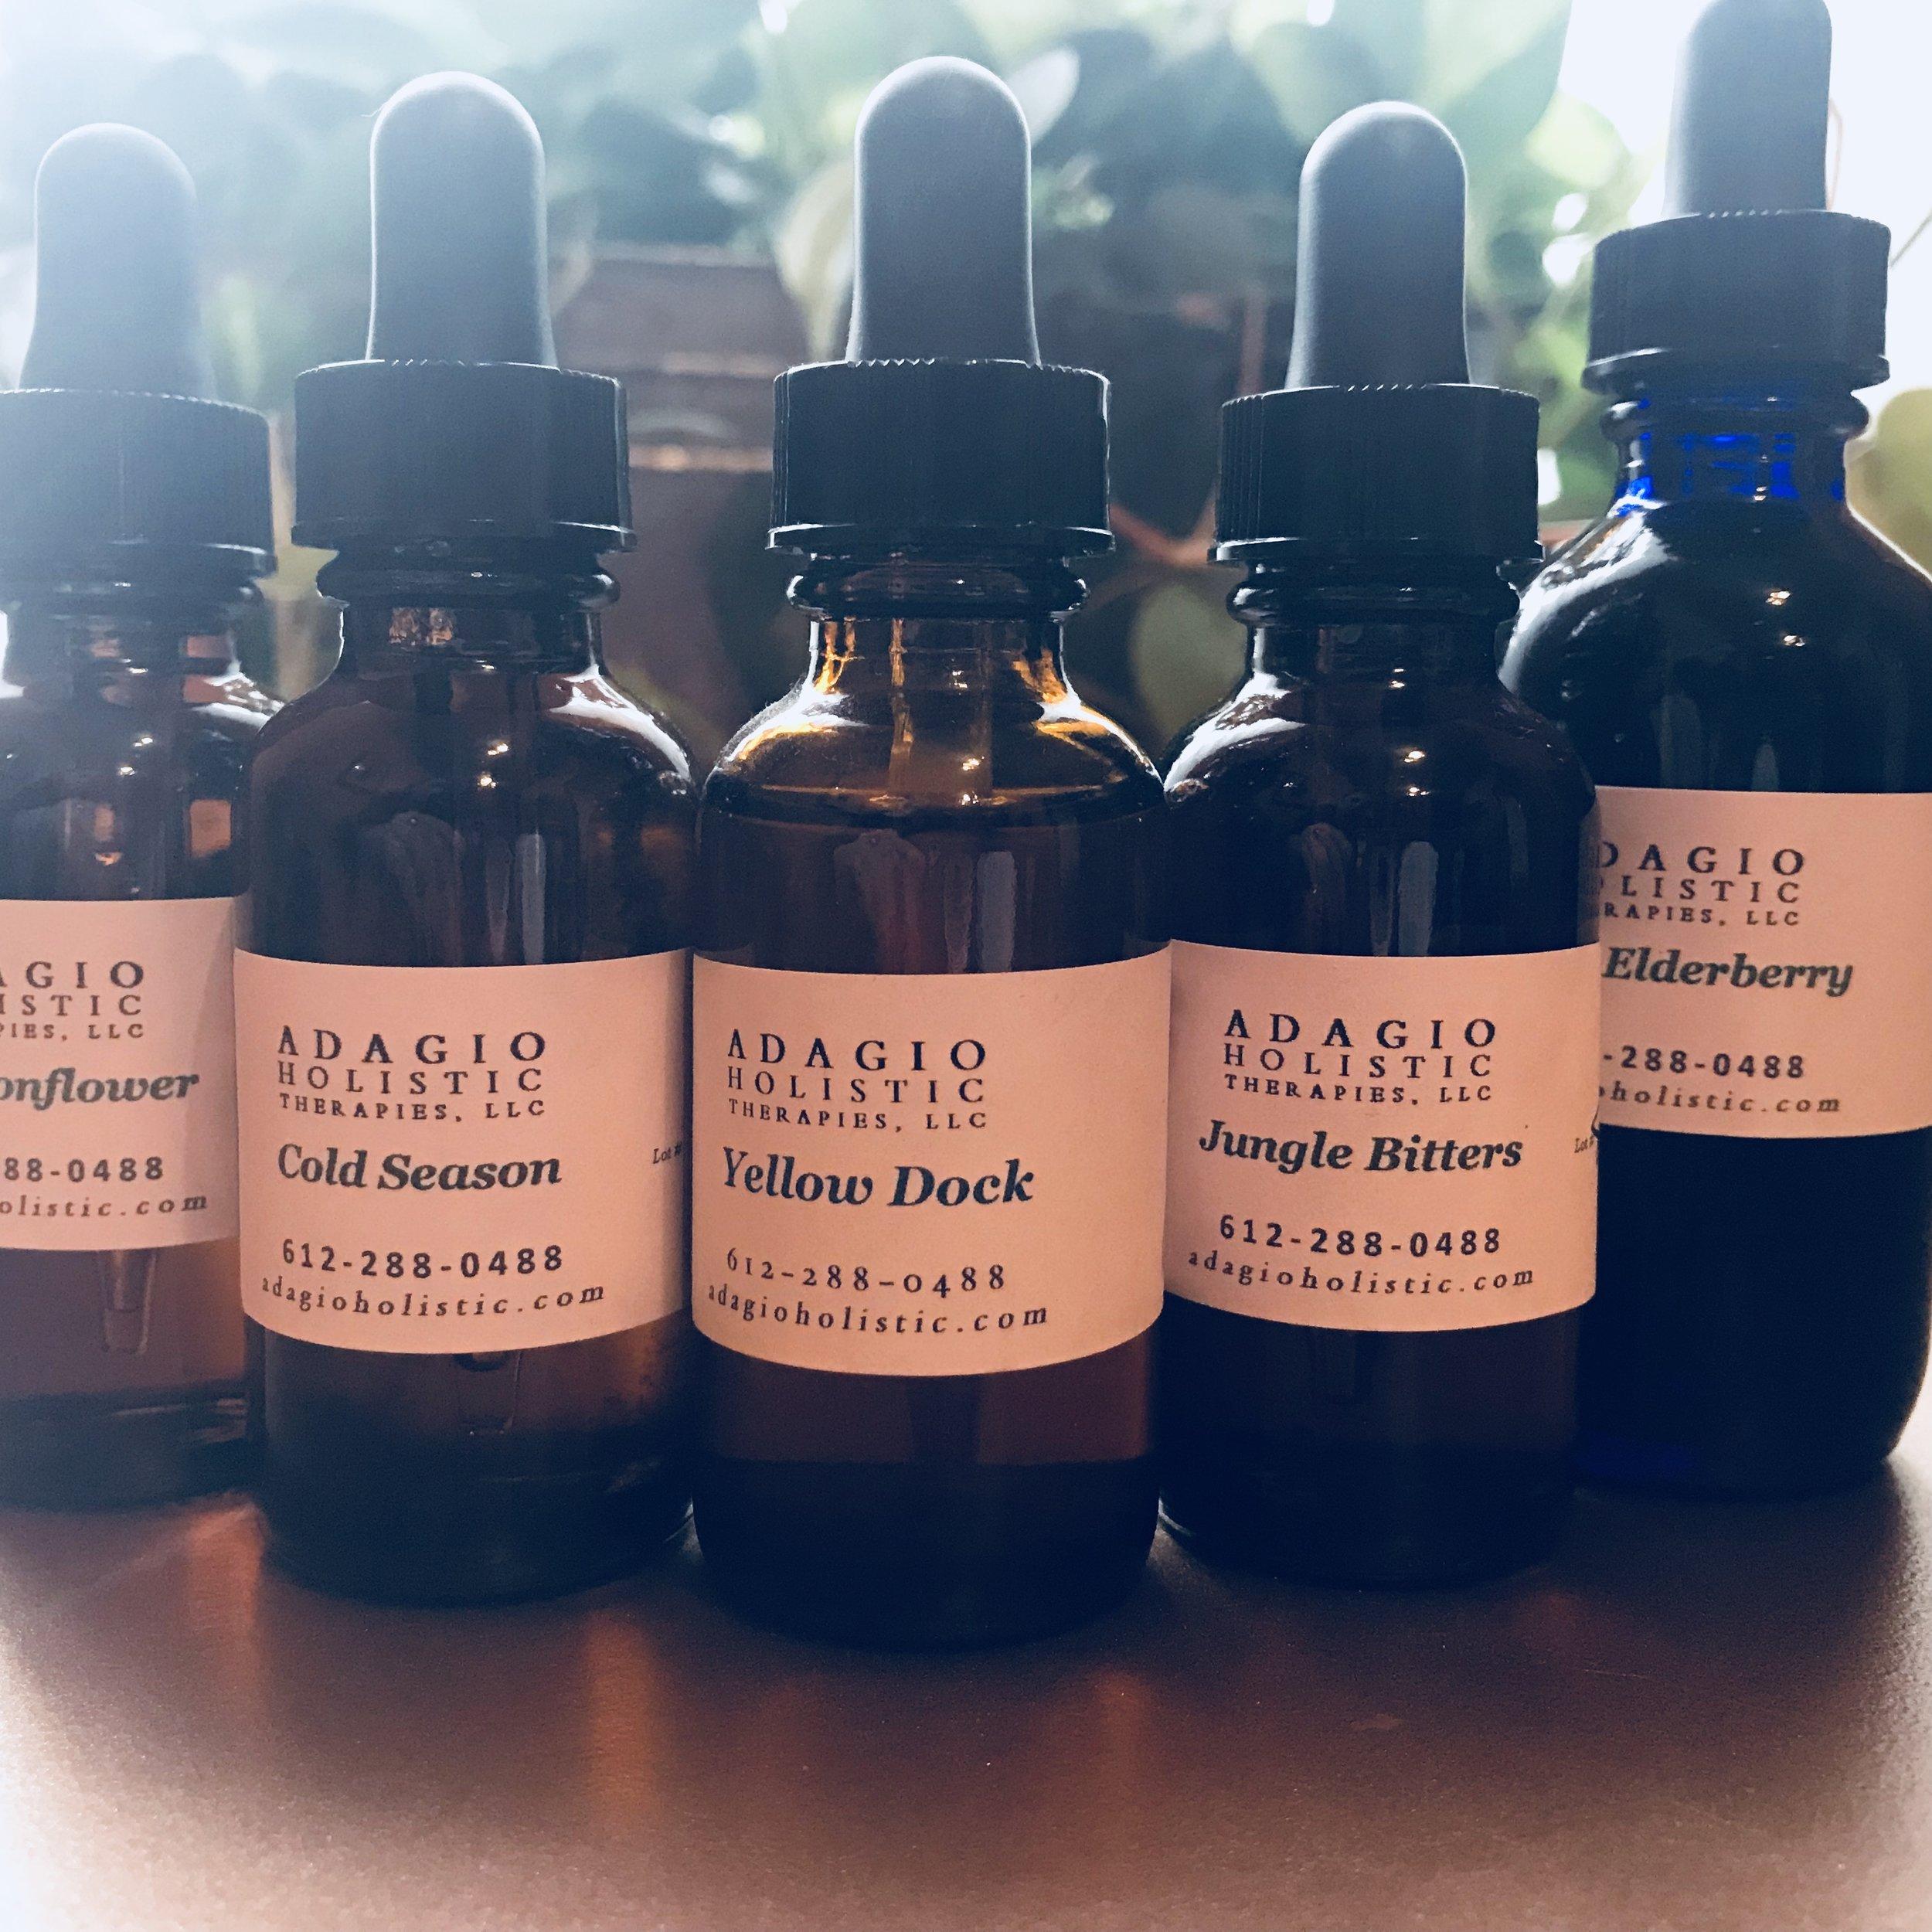 tinctures+herbal+adagio+holistic+therapies.jpg